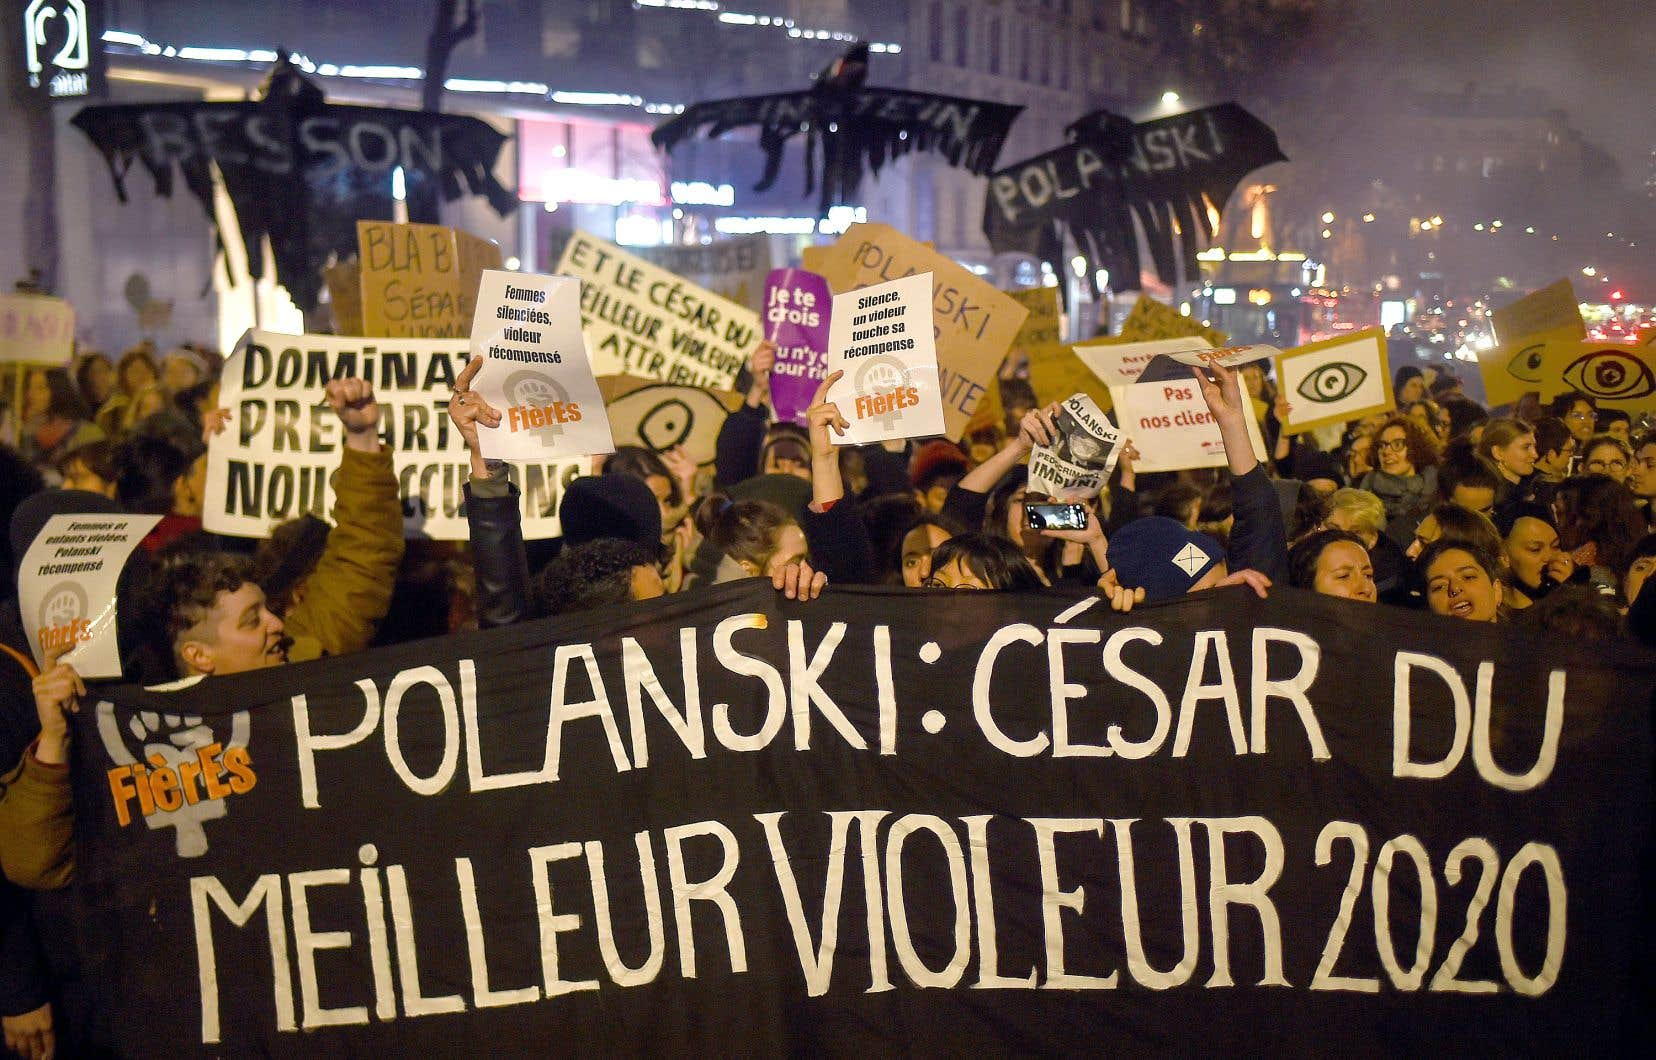 Moins de deux heures avant le début de la cérémonie, des manifestants, en majorité des femmes, ont tenté d'approcher de la salle Pleyel à Paris, où se tenait la soirée, en criant «Enfermez Polanski!».